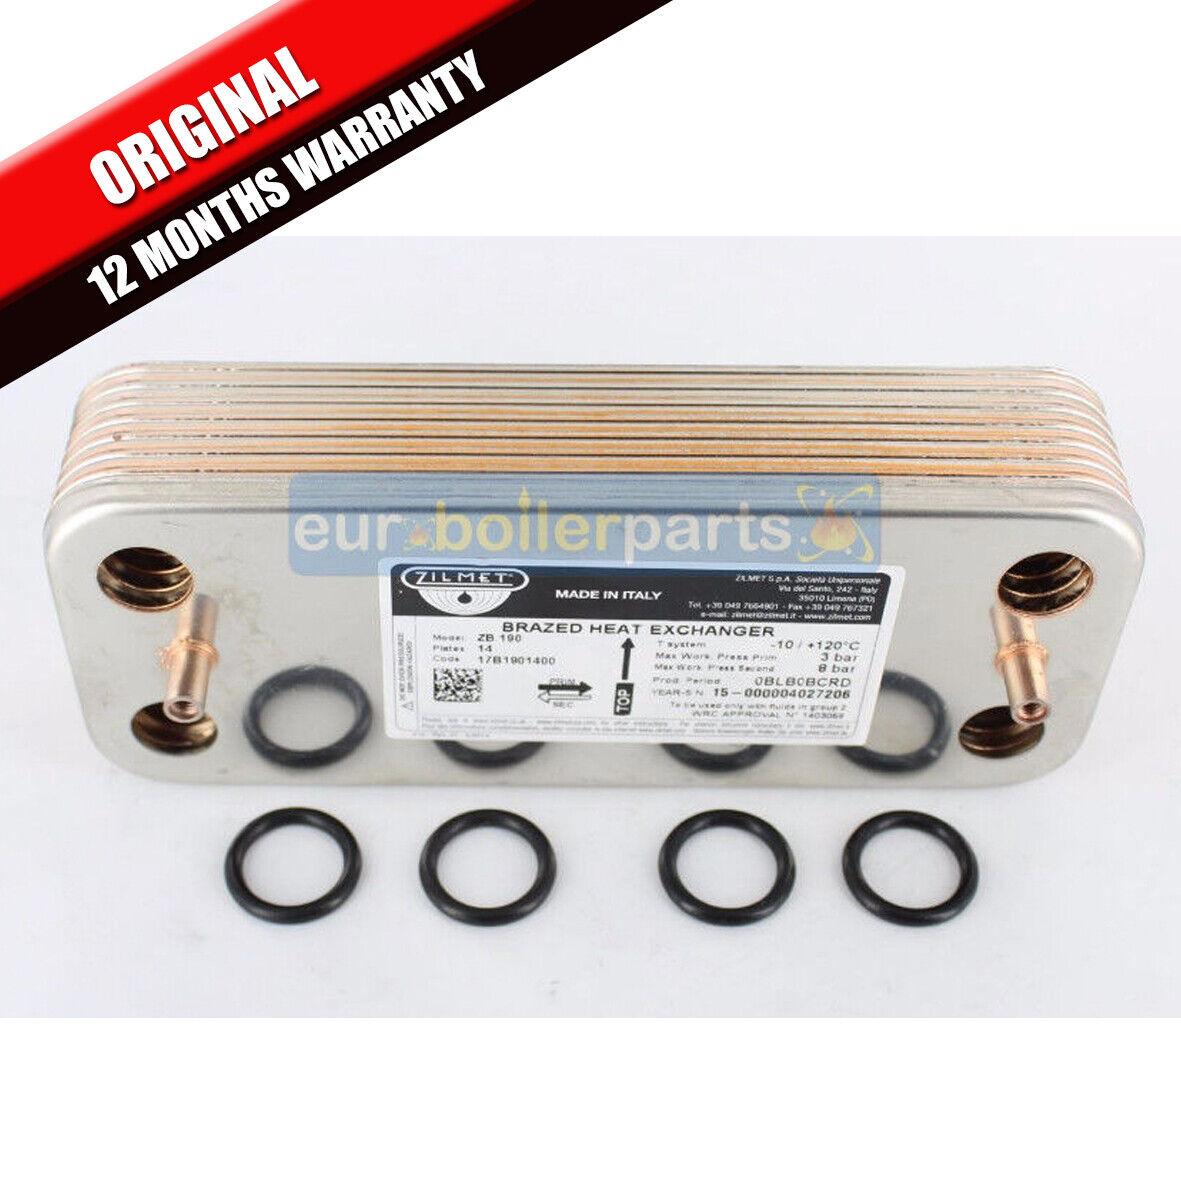 Biasi Compact M90E.24S Boiler DHW Hot Water Heat Exchanger BI1001101